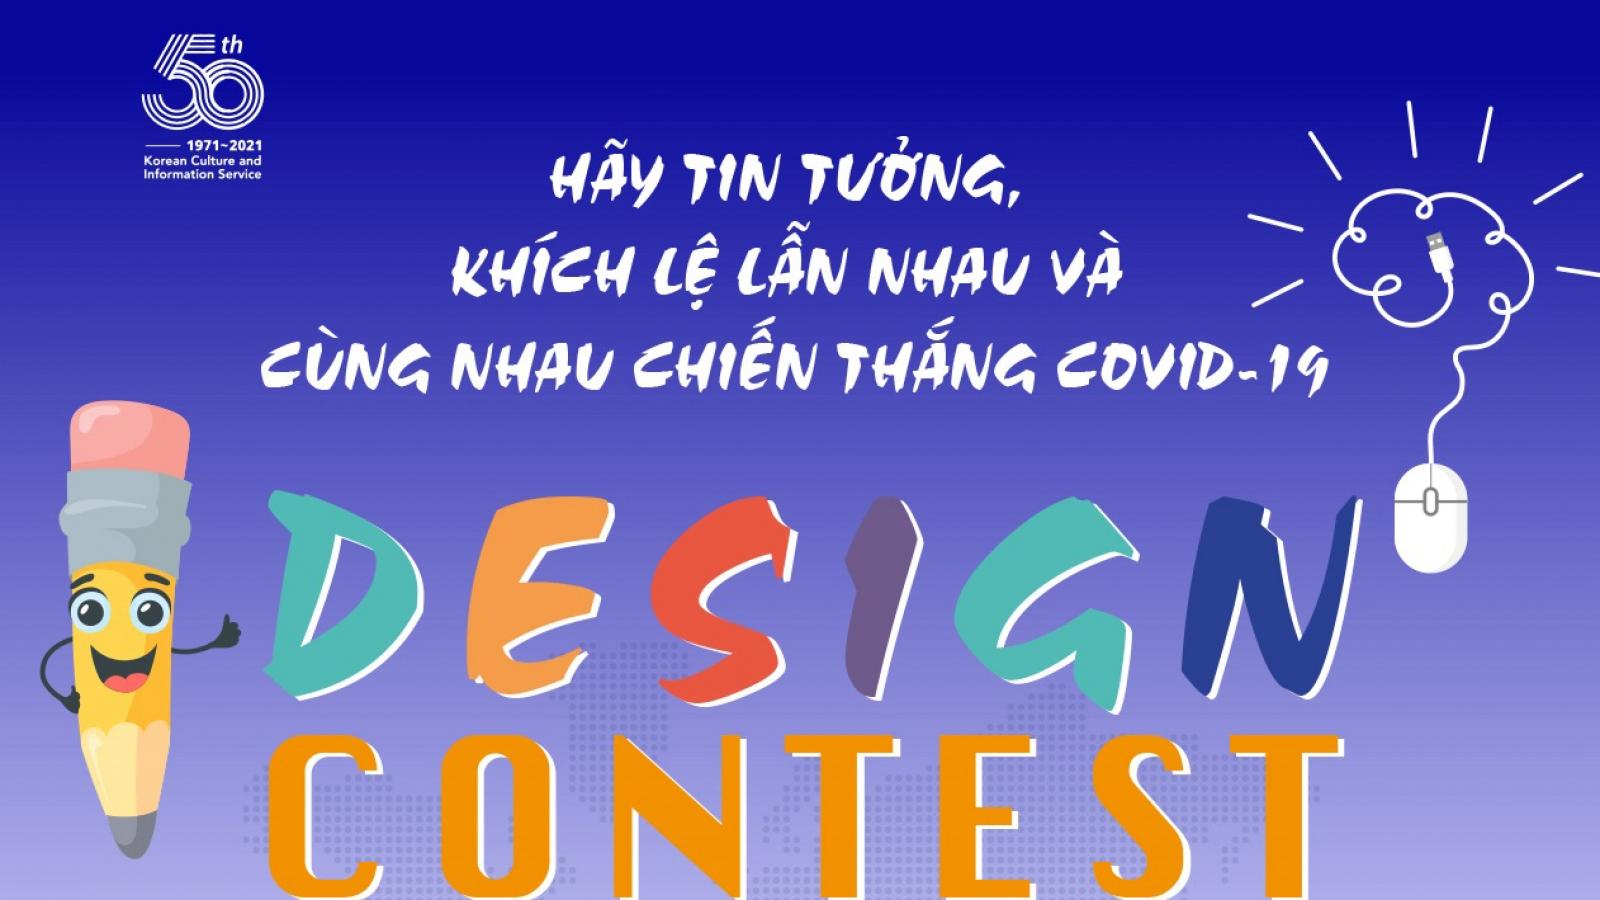 Korean Cultural Centre launches design contest on COVID-19 fight